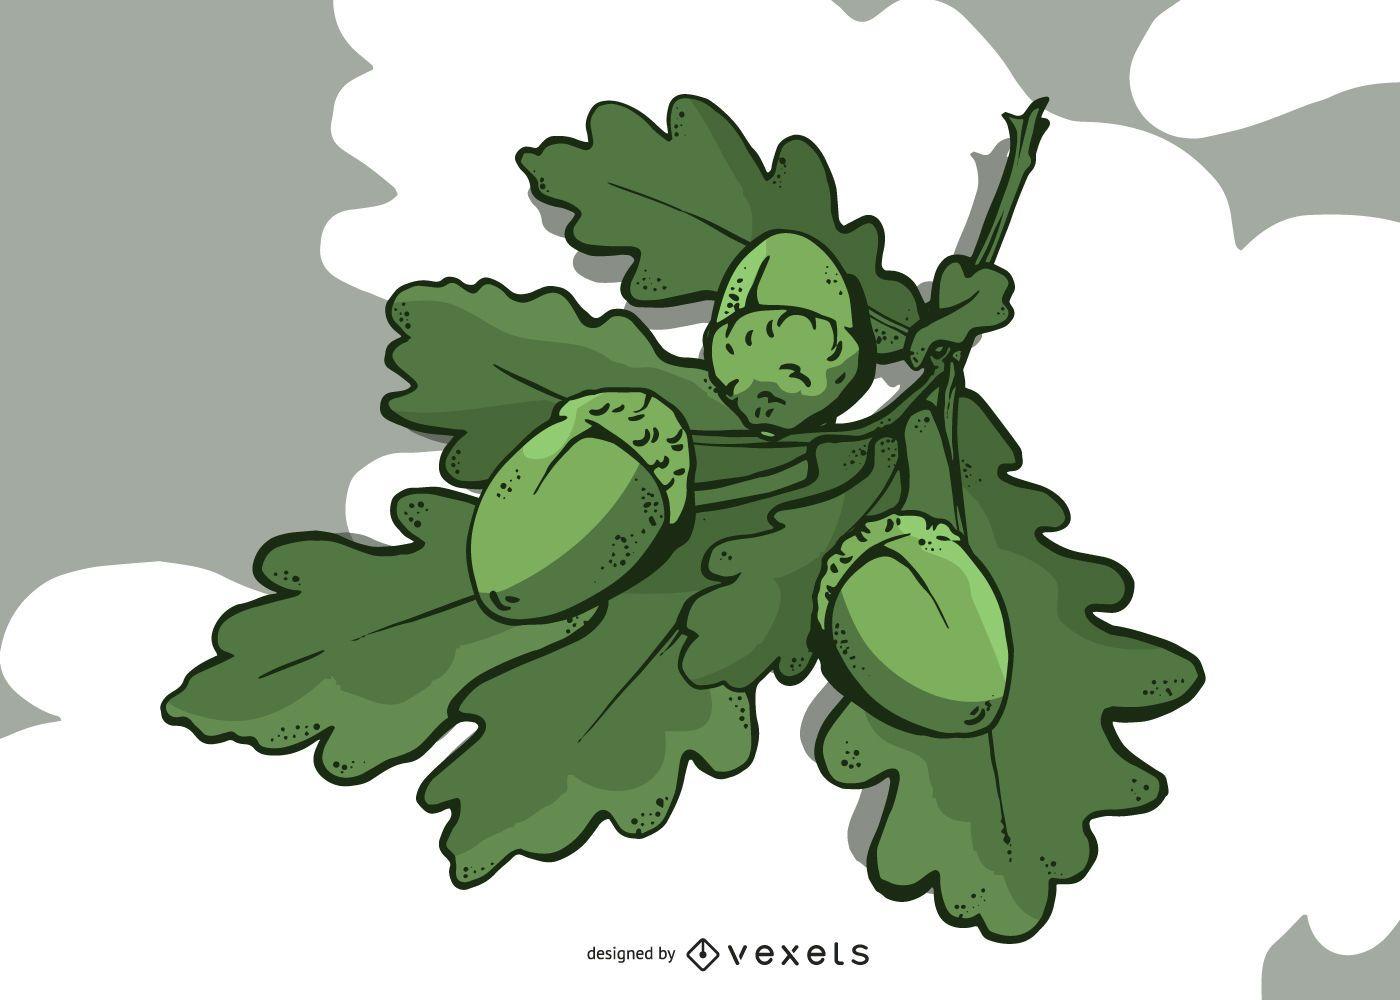 Oak Leaves and Acorn Illustration Design